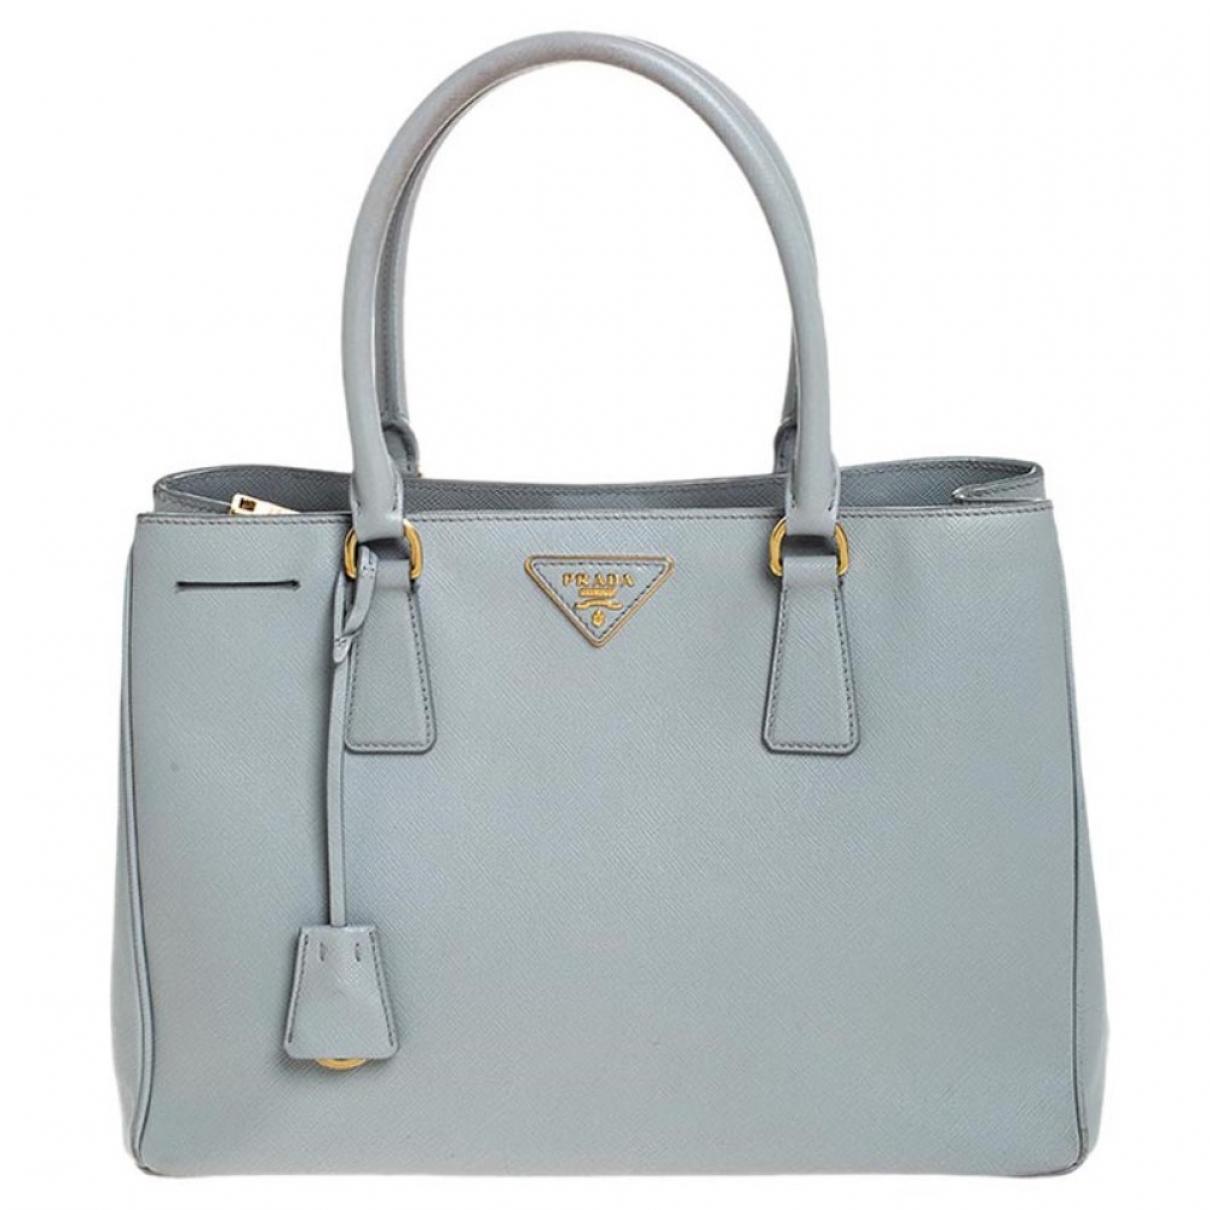 Prada - Sac a main Galleria pour femme en cuir - gris